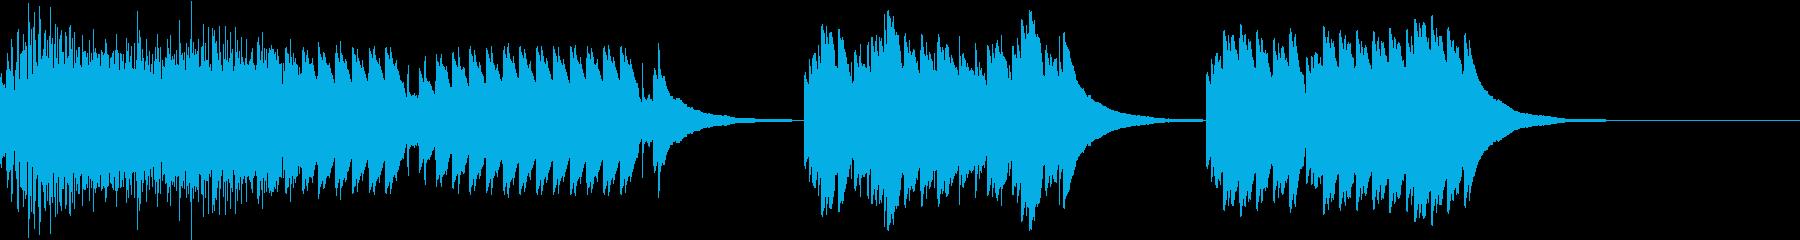 オルゴール風に見せかけてうるさいアラームの再生済みの波形